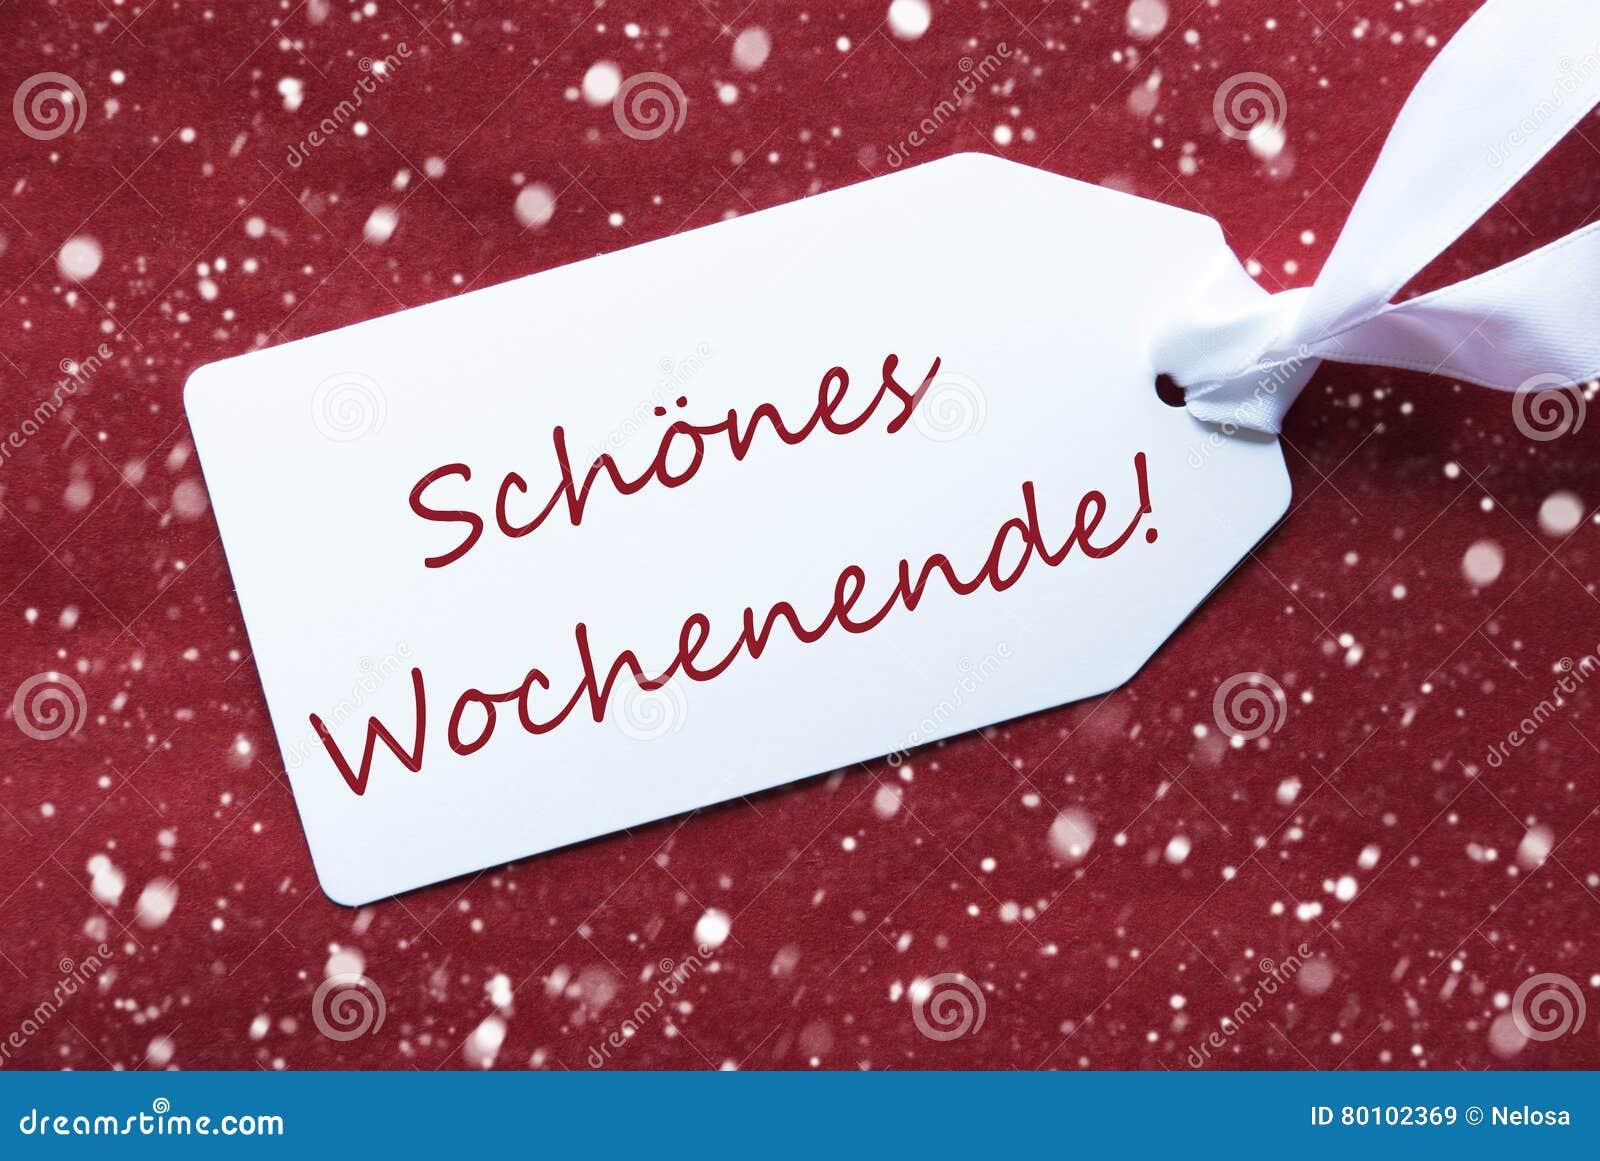 Ярлык на красной предпосылке, снежинках, Schoenes Wochenende значит счастливые выходные